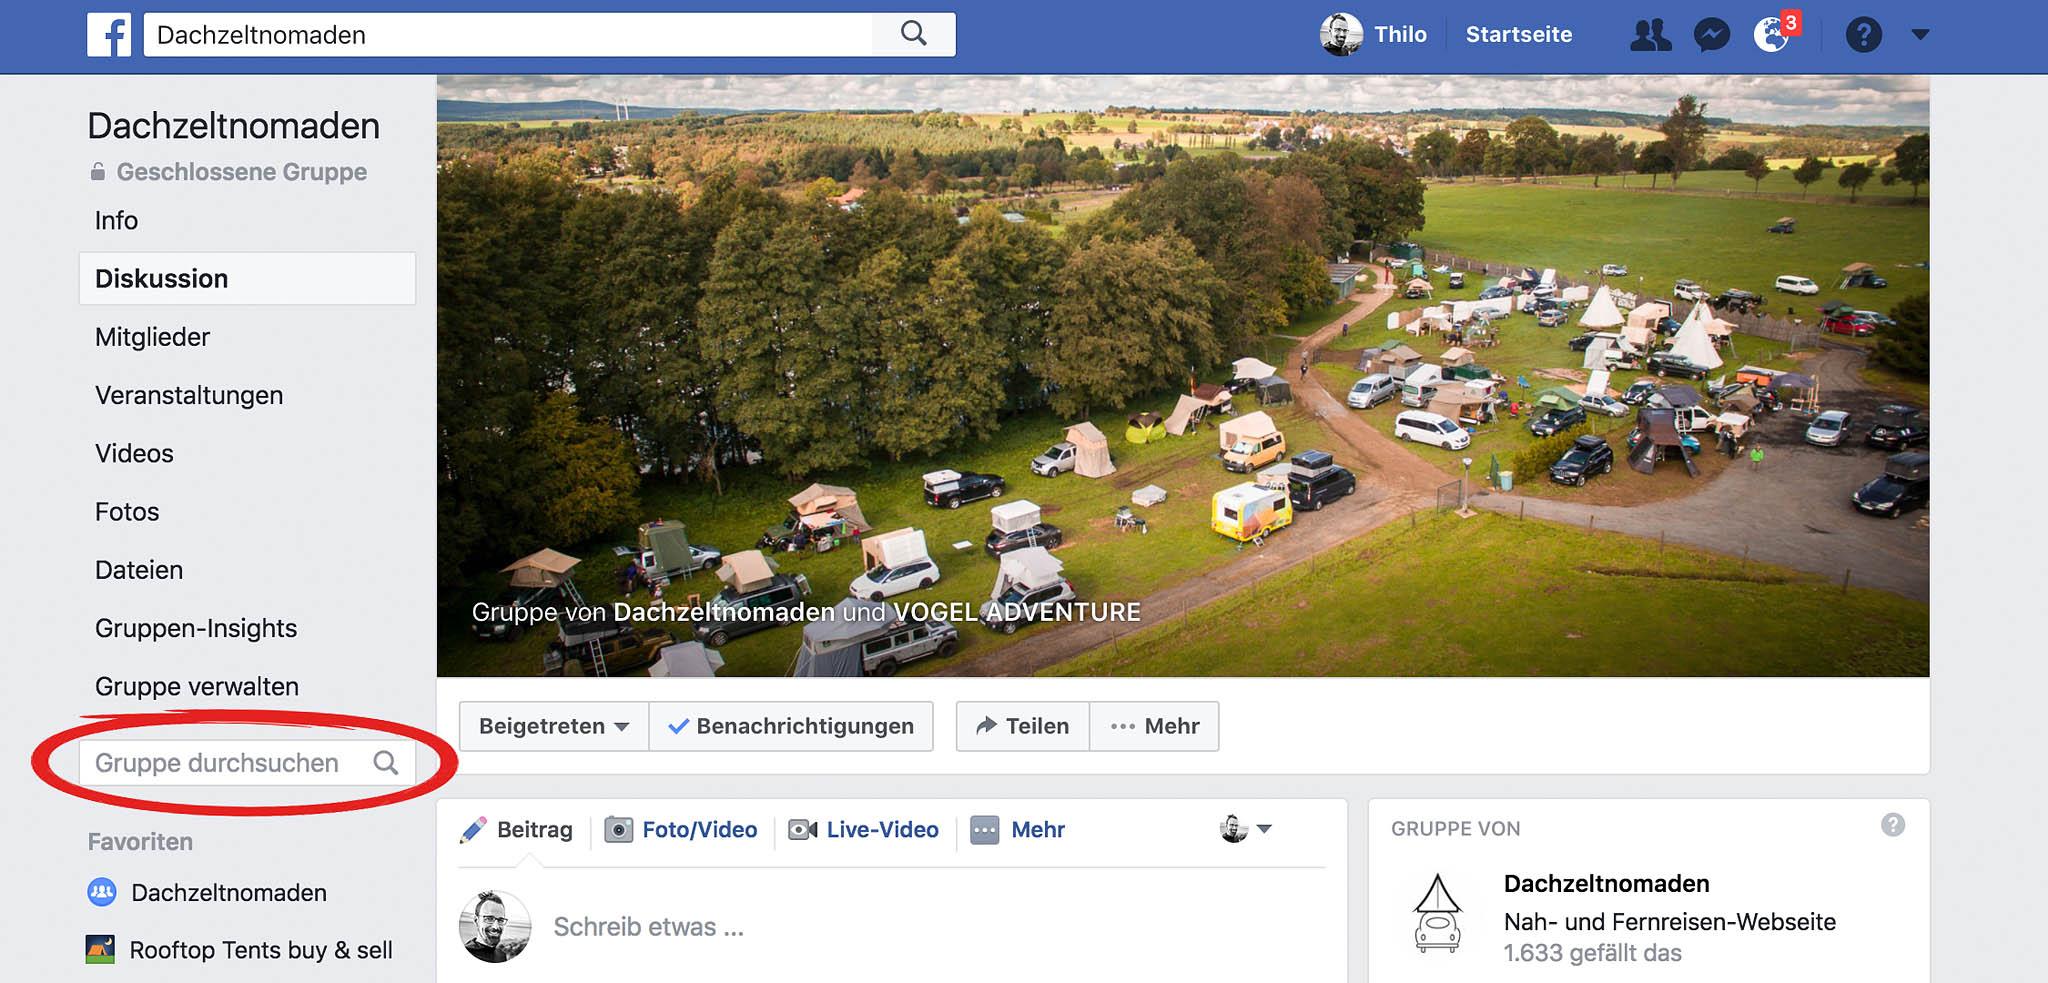 Dachzeltnomaden Facebook Gruppe durchsuchen